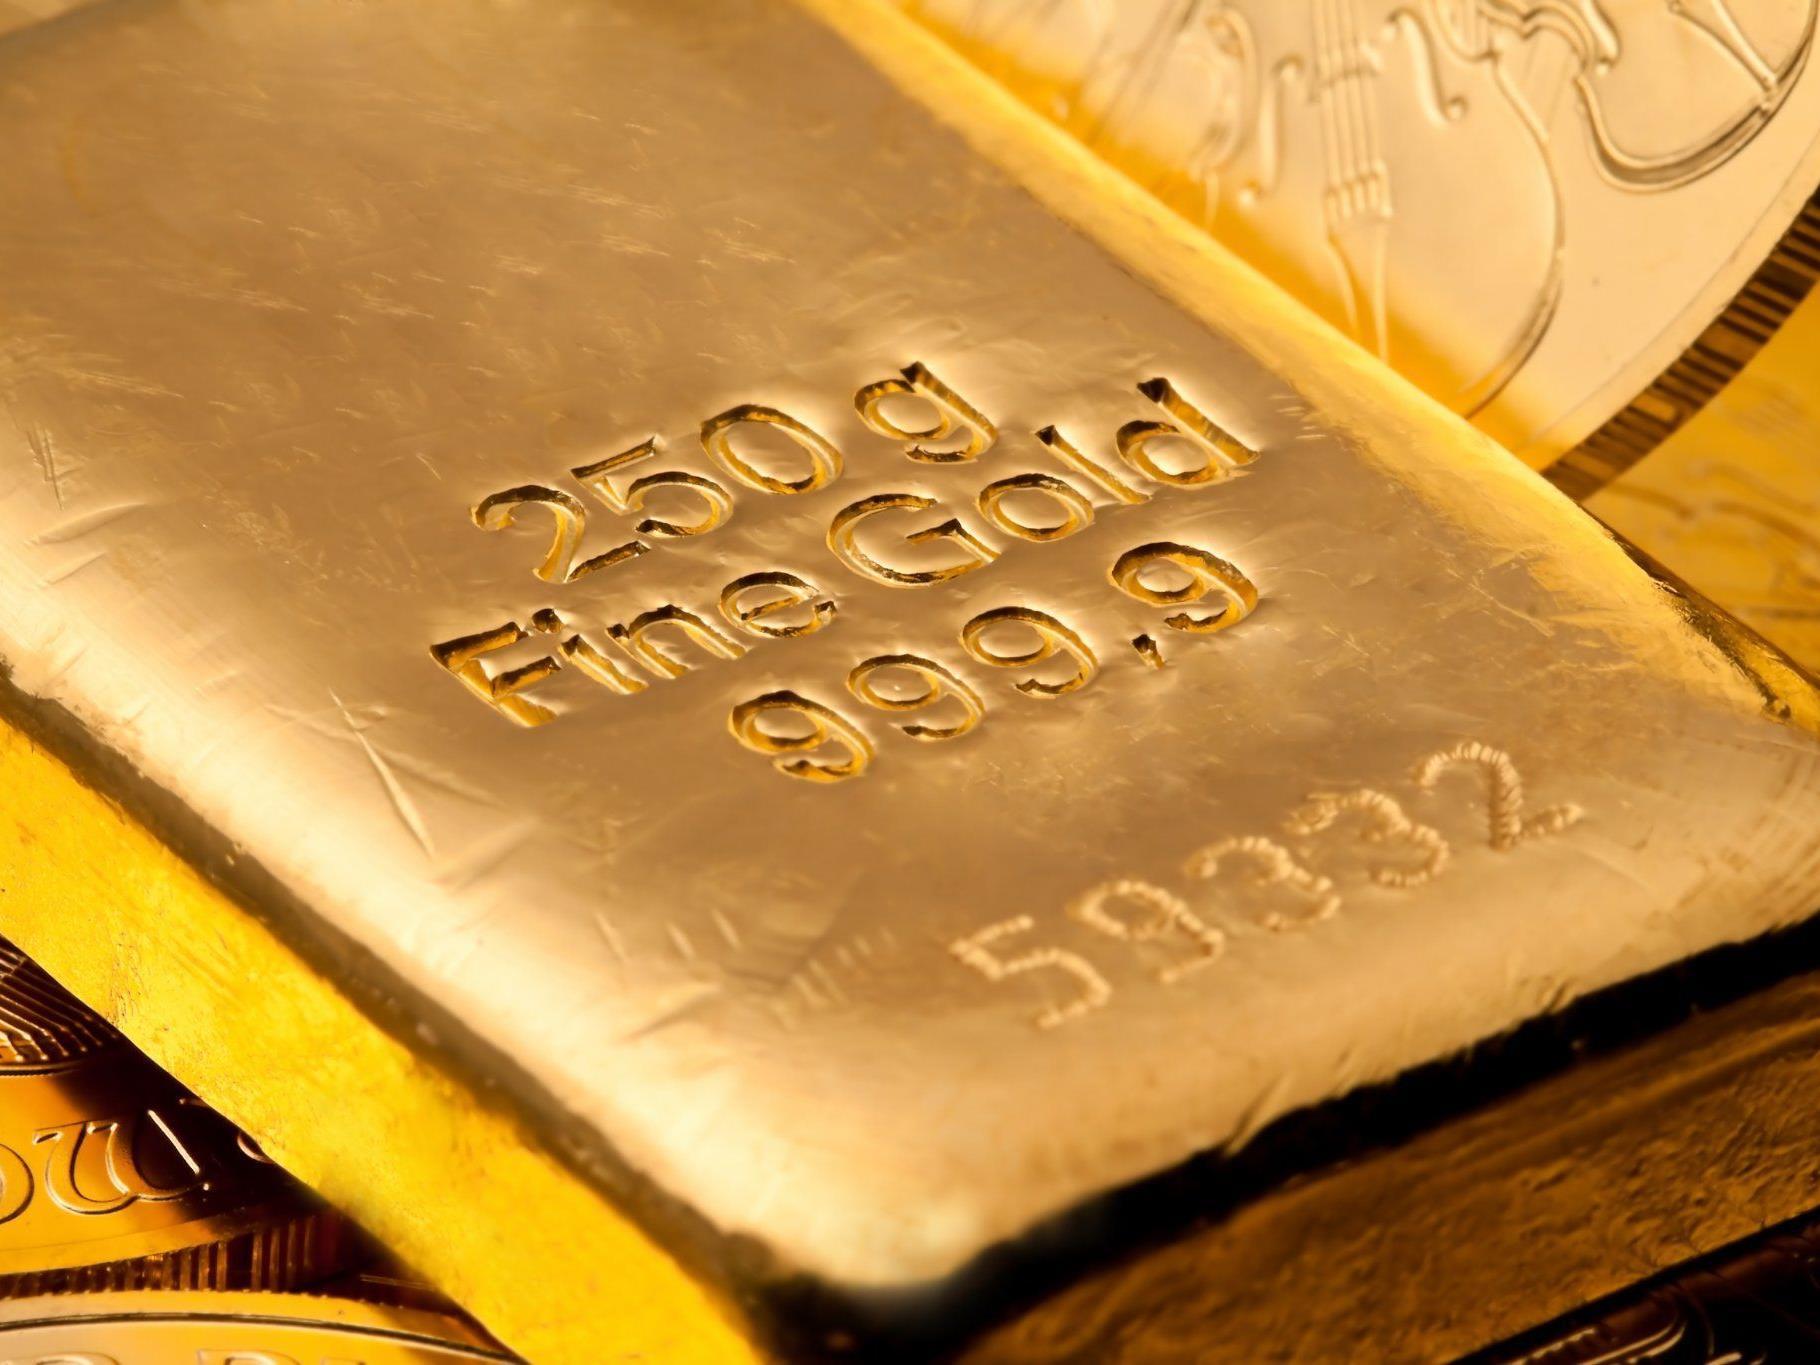 Drei Kilo Gold bei Renovierung einer Küche gefunden.